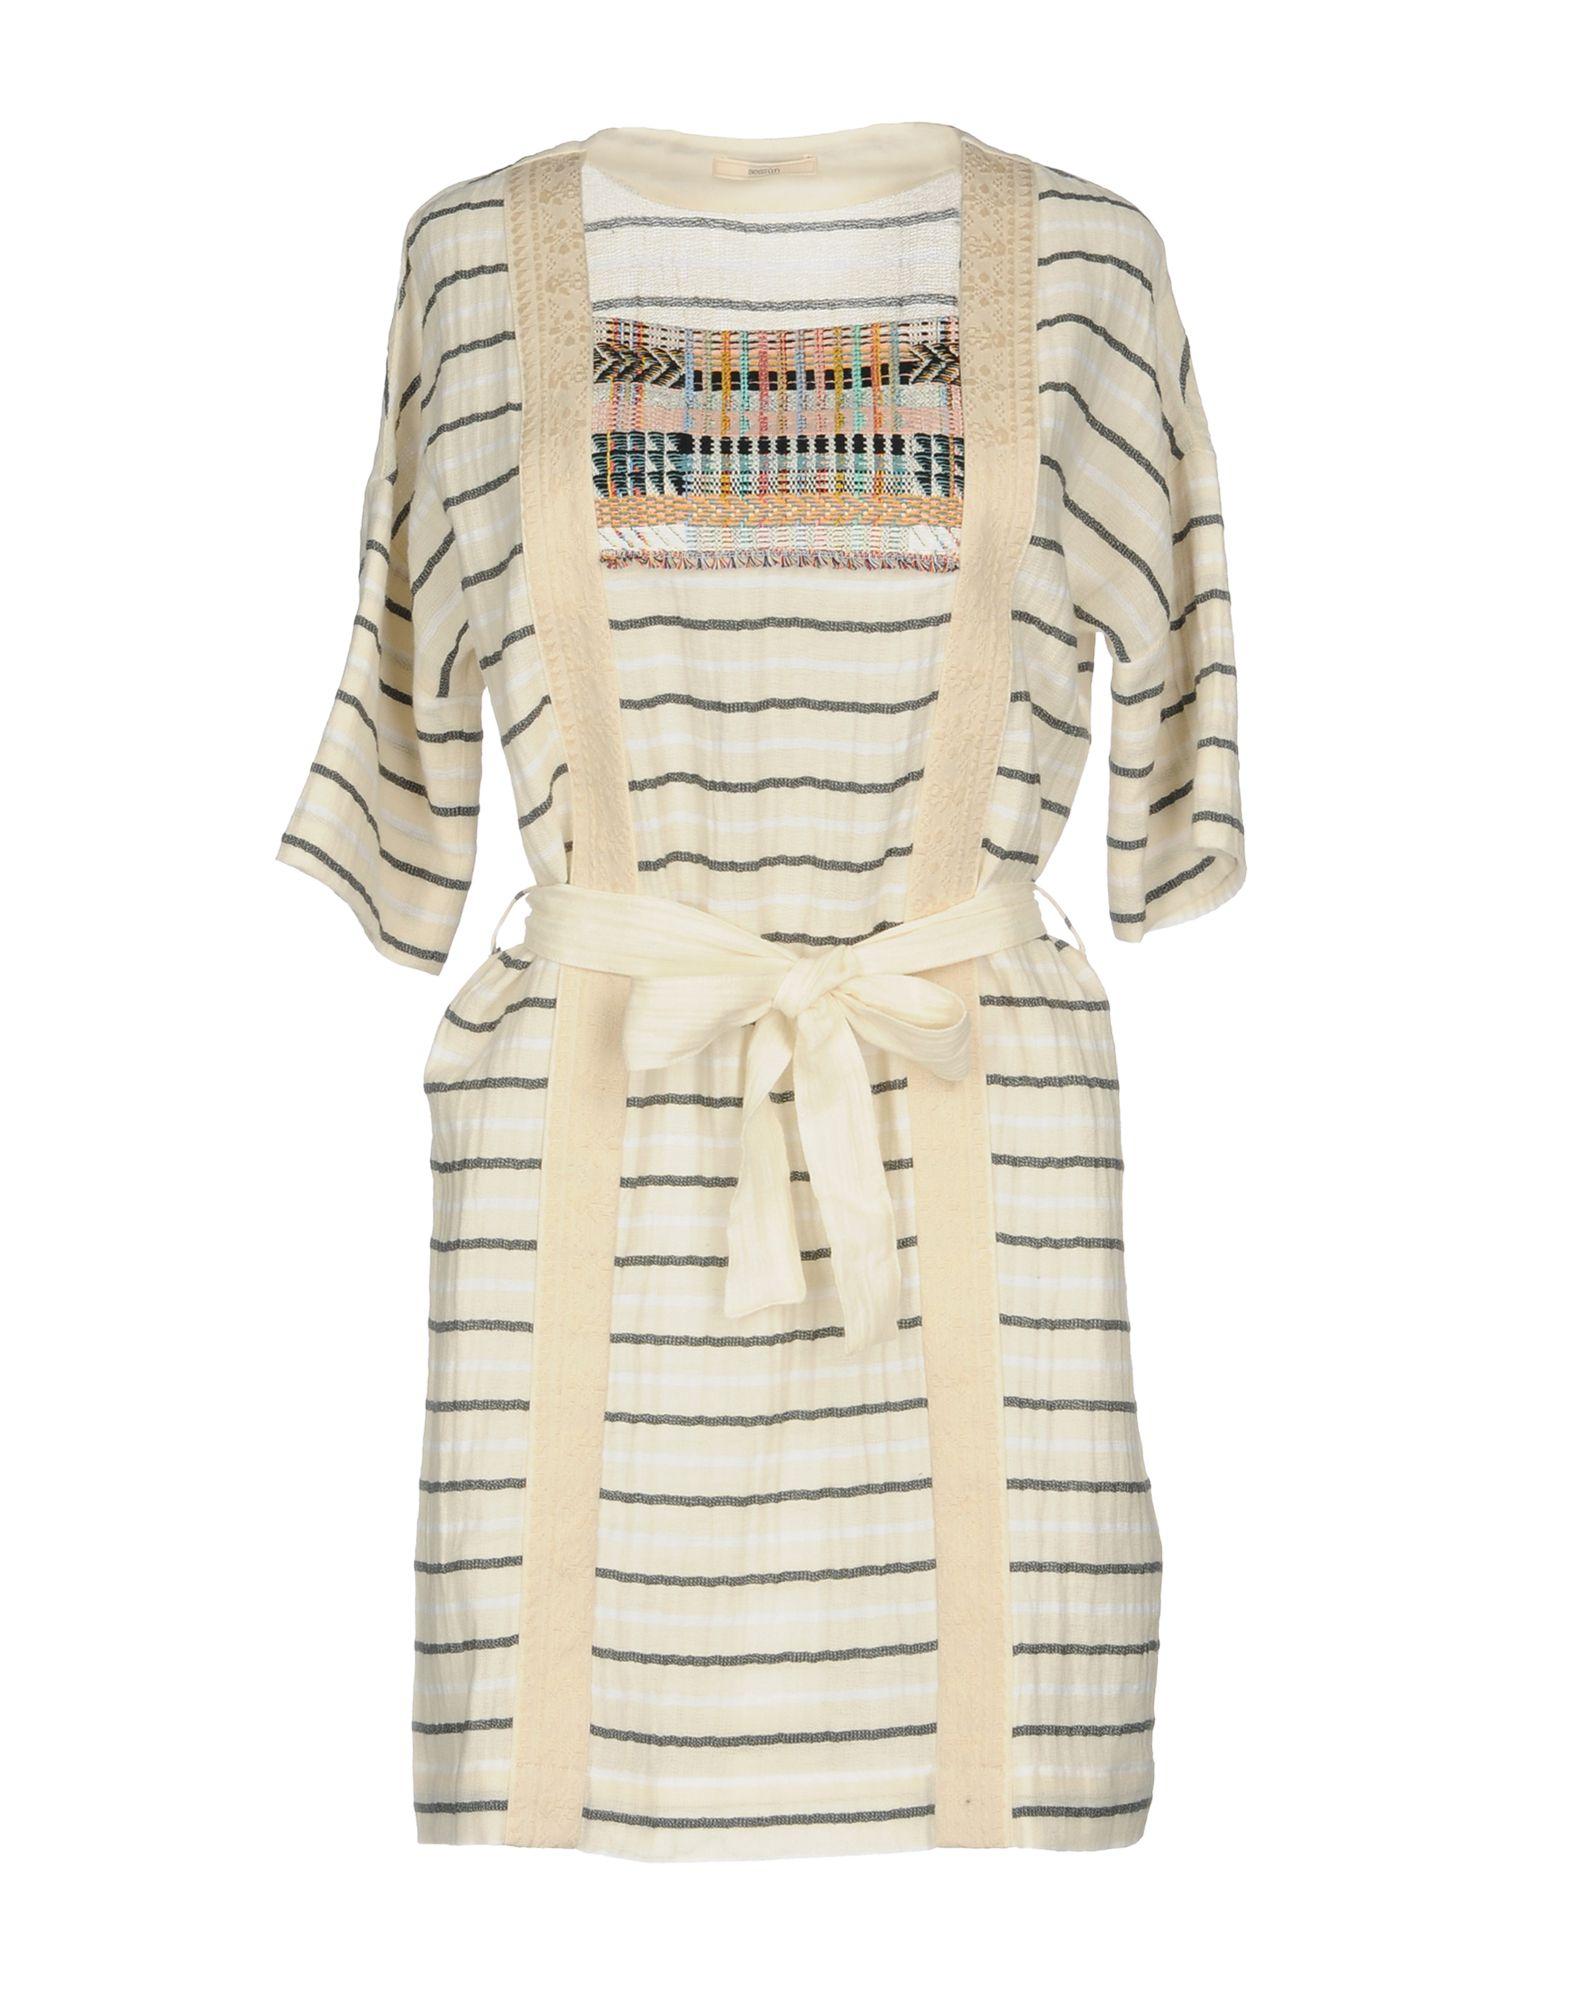 SESSUN Damen Kurzes Kleid Farbe Elfenbein Größe 5